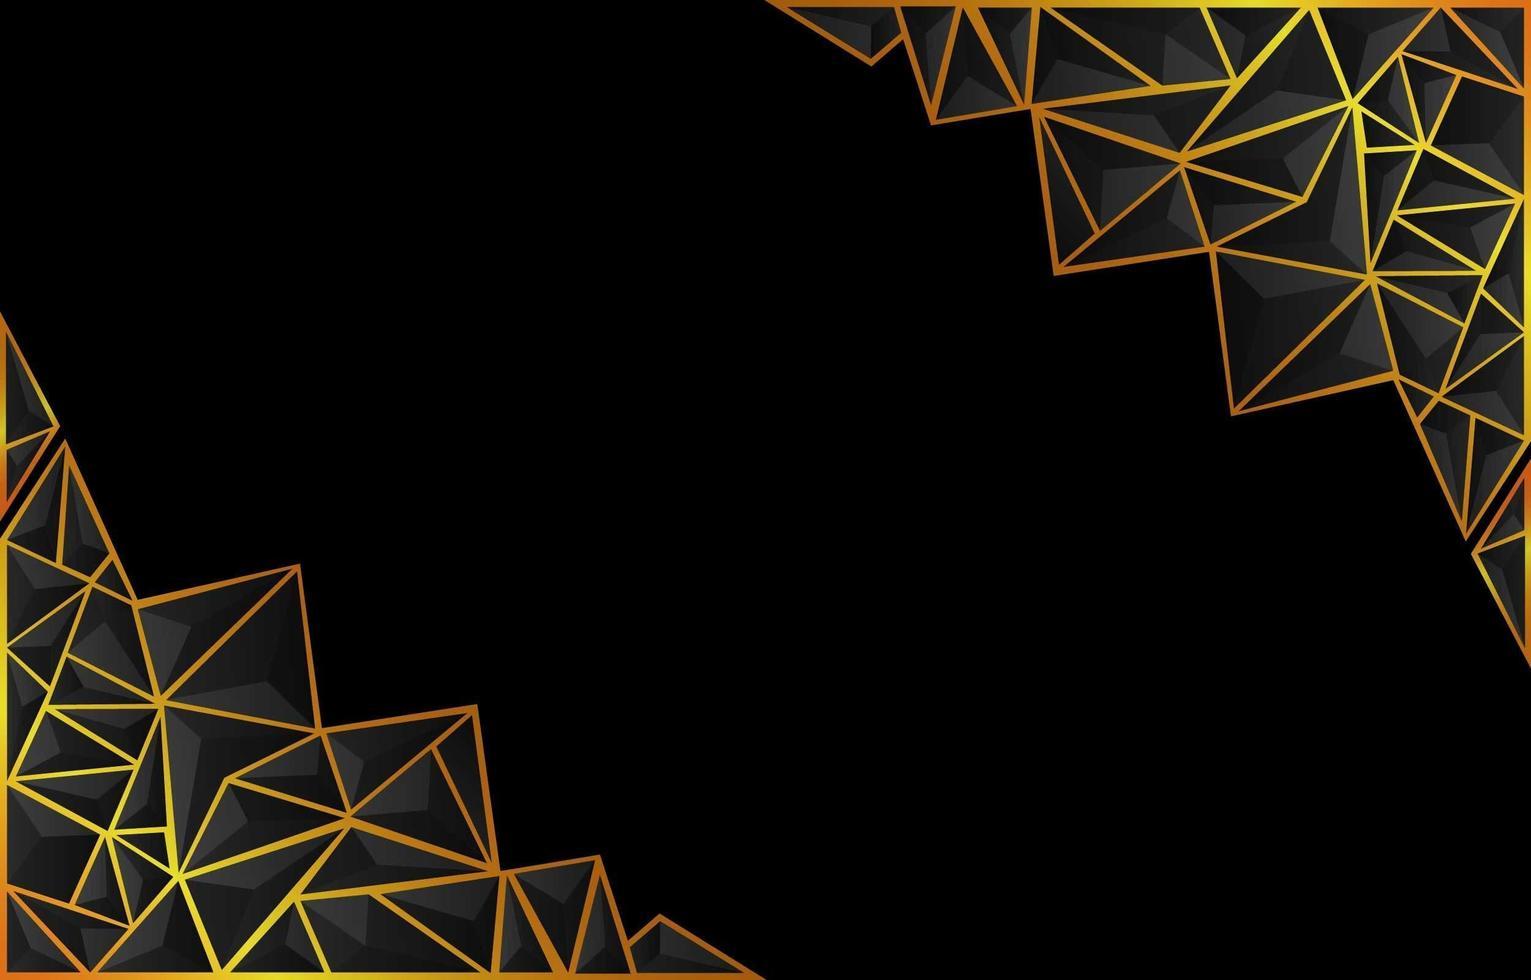 Fondo oscuro de poli baja con acento dorado vector